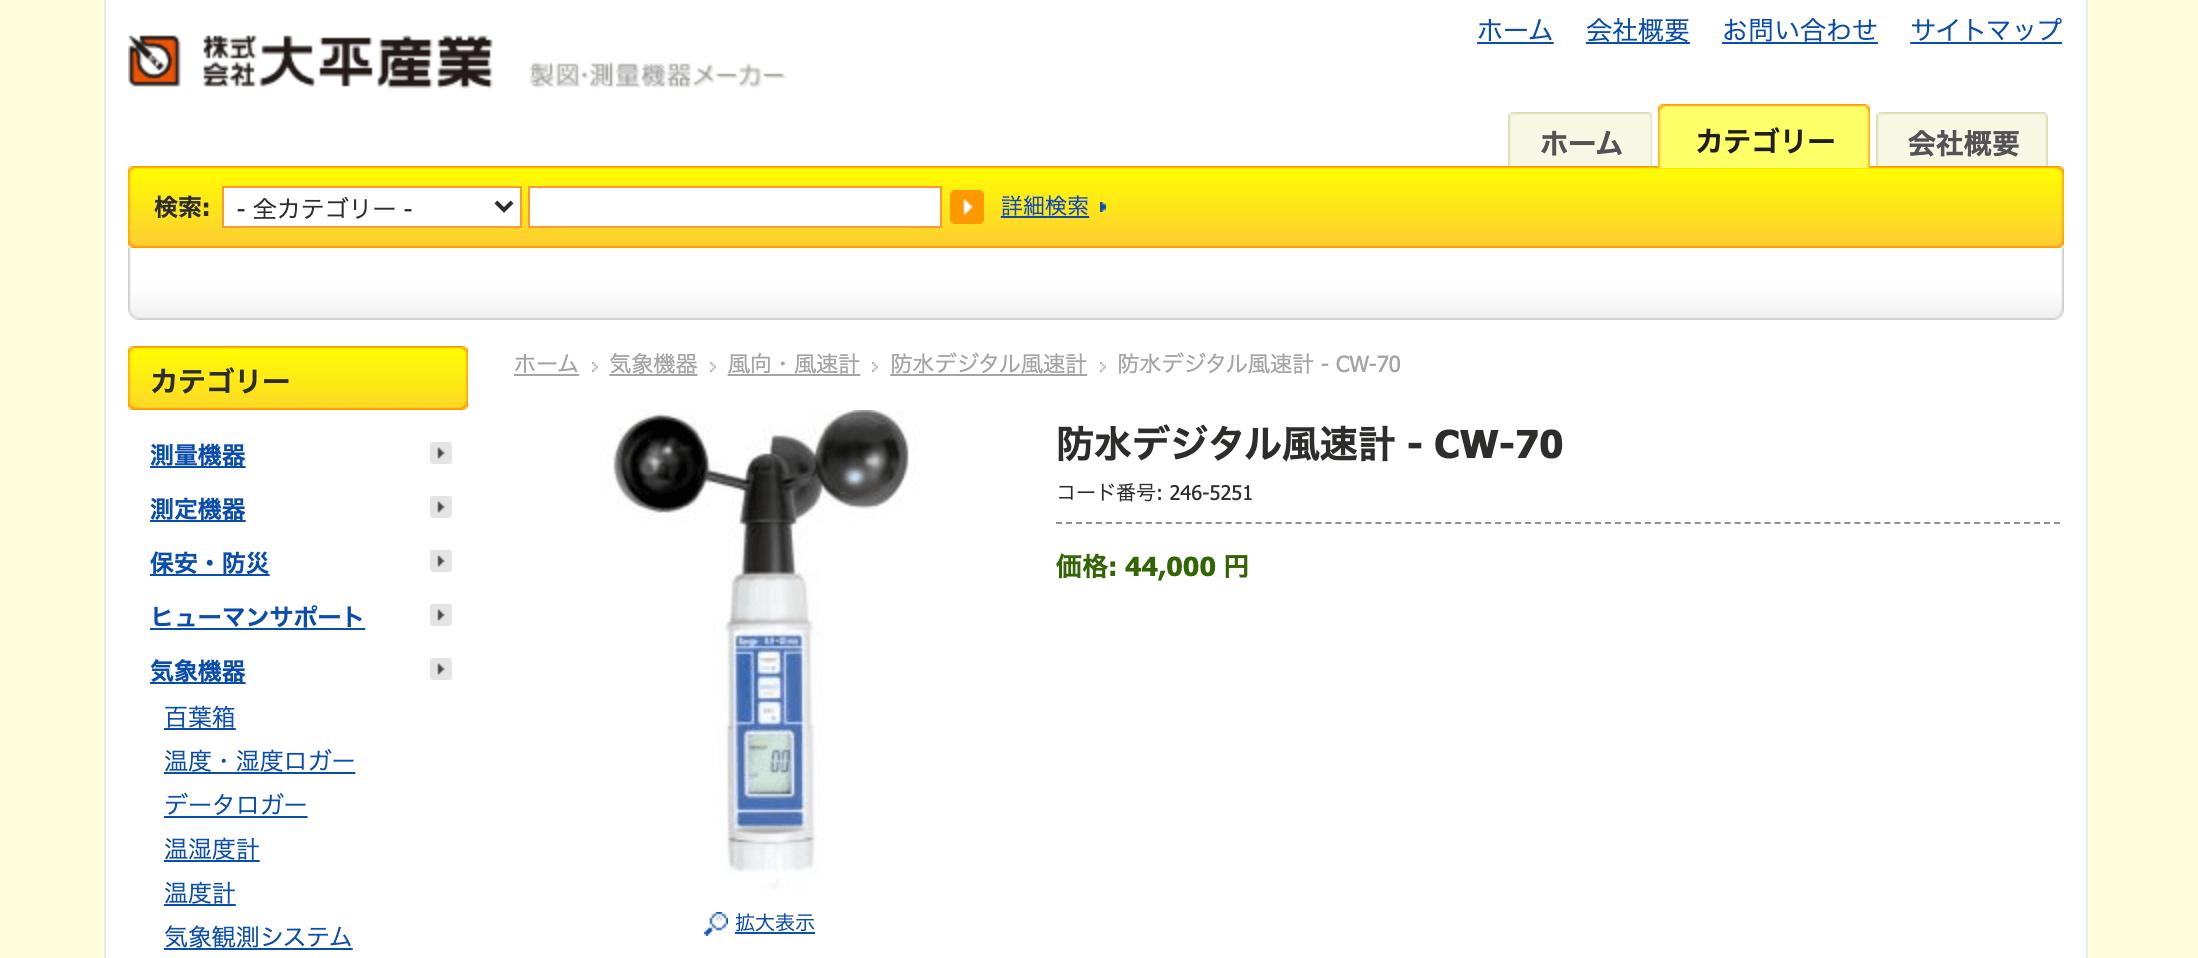 防水デジタル風速計 - CW-70